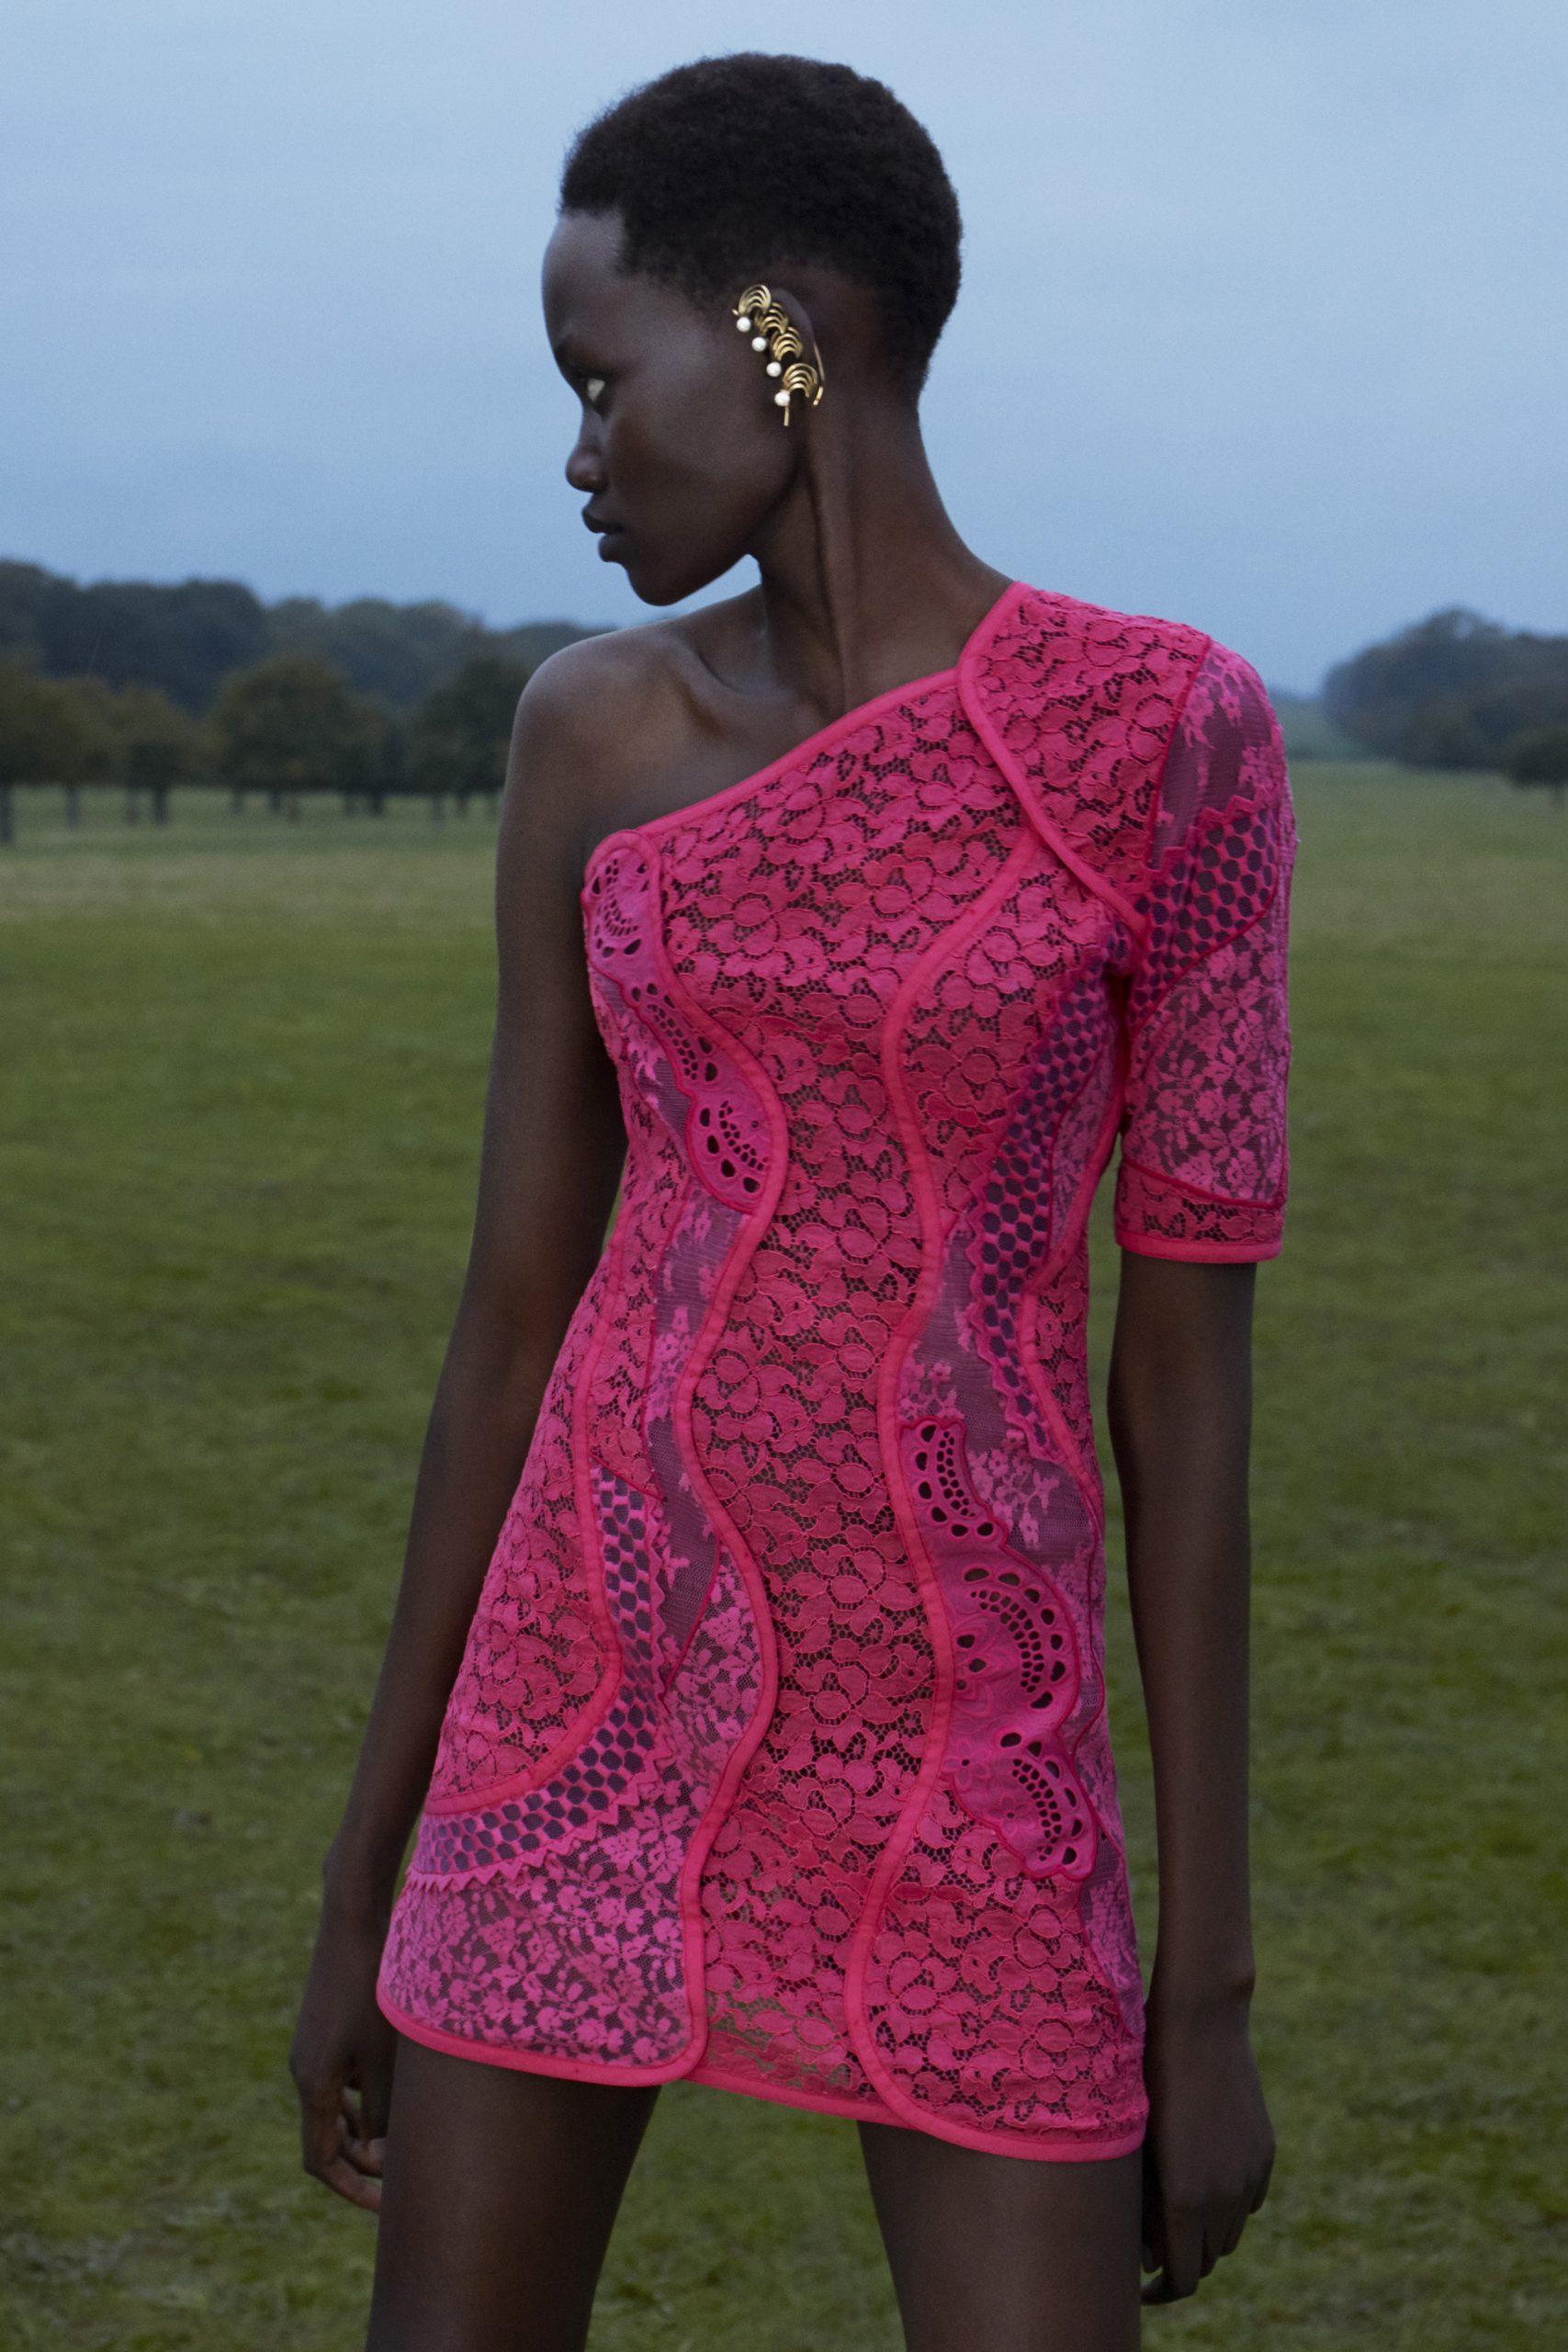 1. kép: Párizsi divathét - 2021-es tavaszi-nyári ready to wear kollekció - Stella McCartney